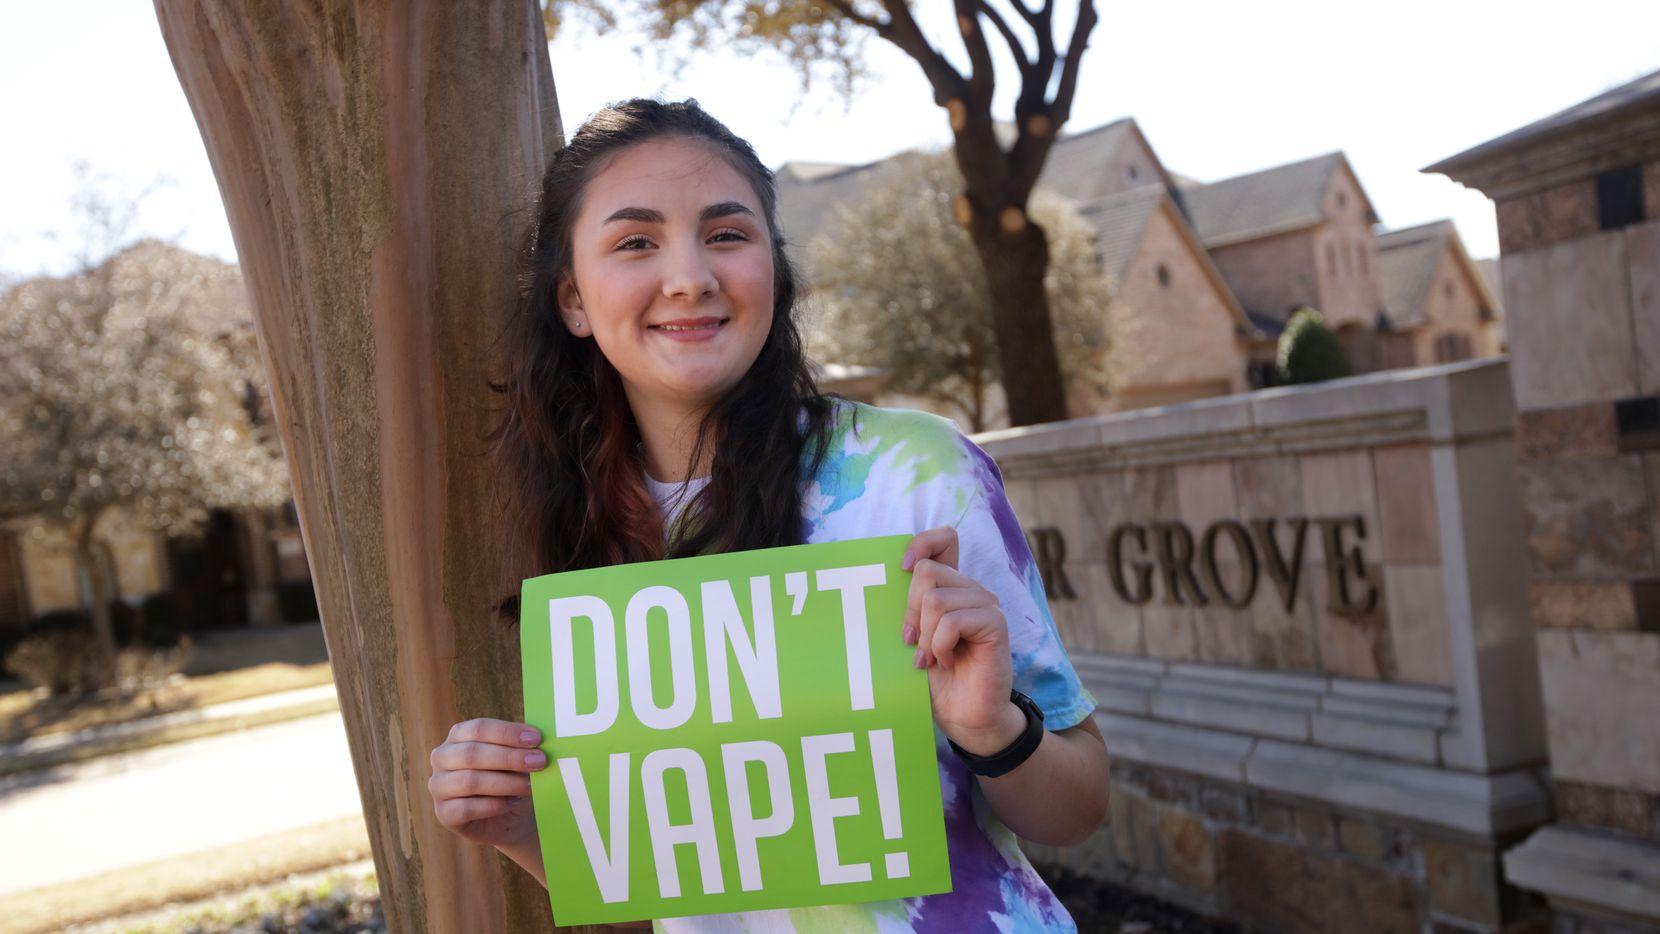 Micah Sánchez, de 16 años y residente de McKinney, es una embajadora contra el uso del tabaco y el vaping para Texas Say What, una organización de prevención.